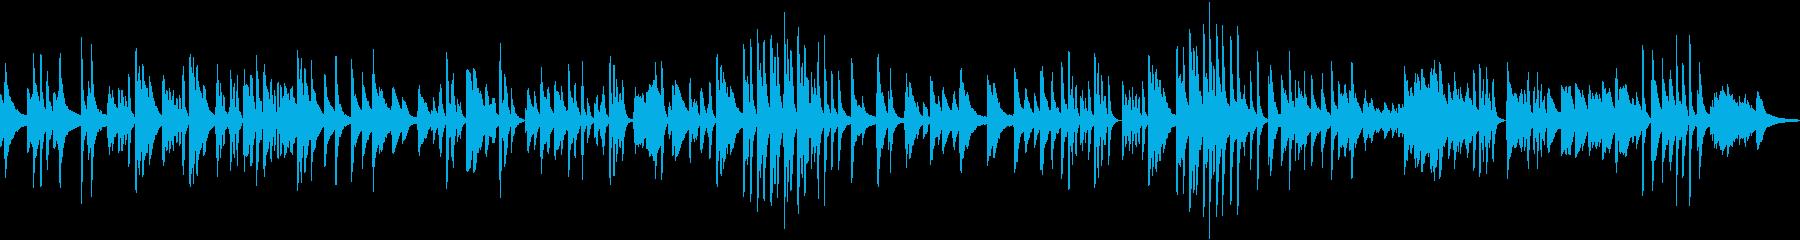 ピアノソロ ゆかいな牧場 童謡 かわいいの再生済みの波形